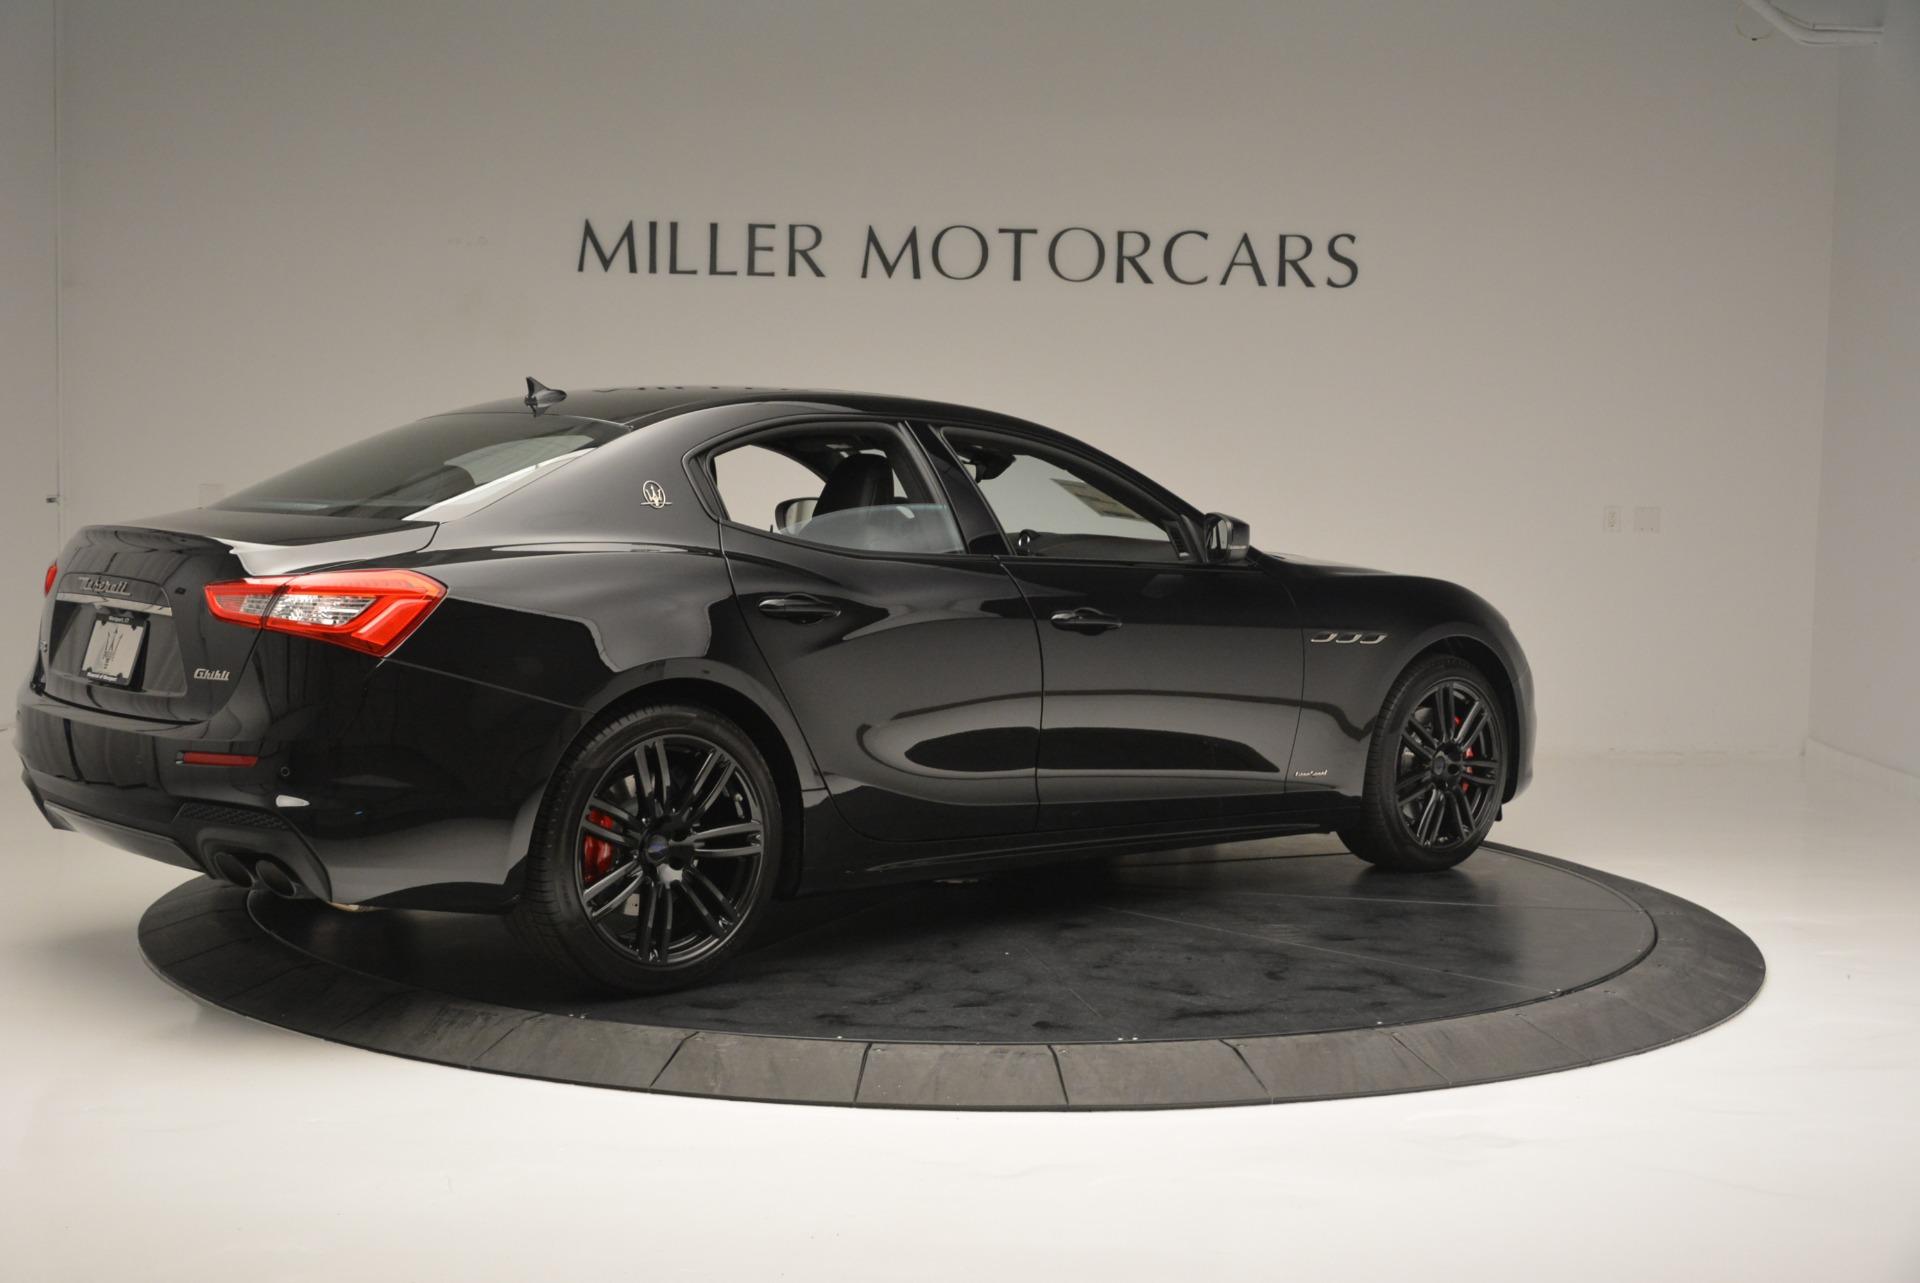 New 2018 Maserati Ghibli SQ4 GranSport Nerissimo For Sale In Greenwich, CT 2372_p8